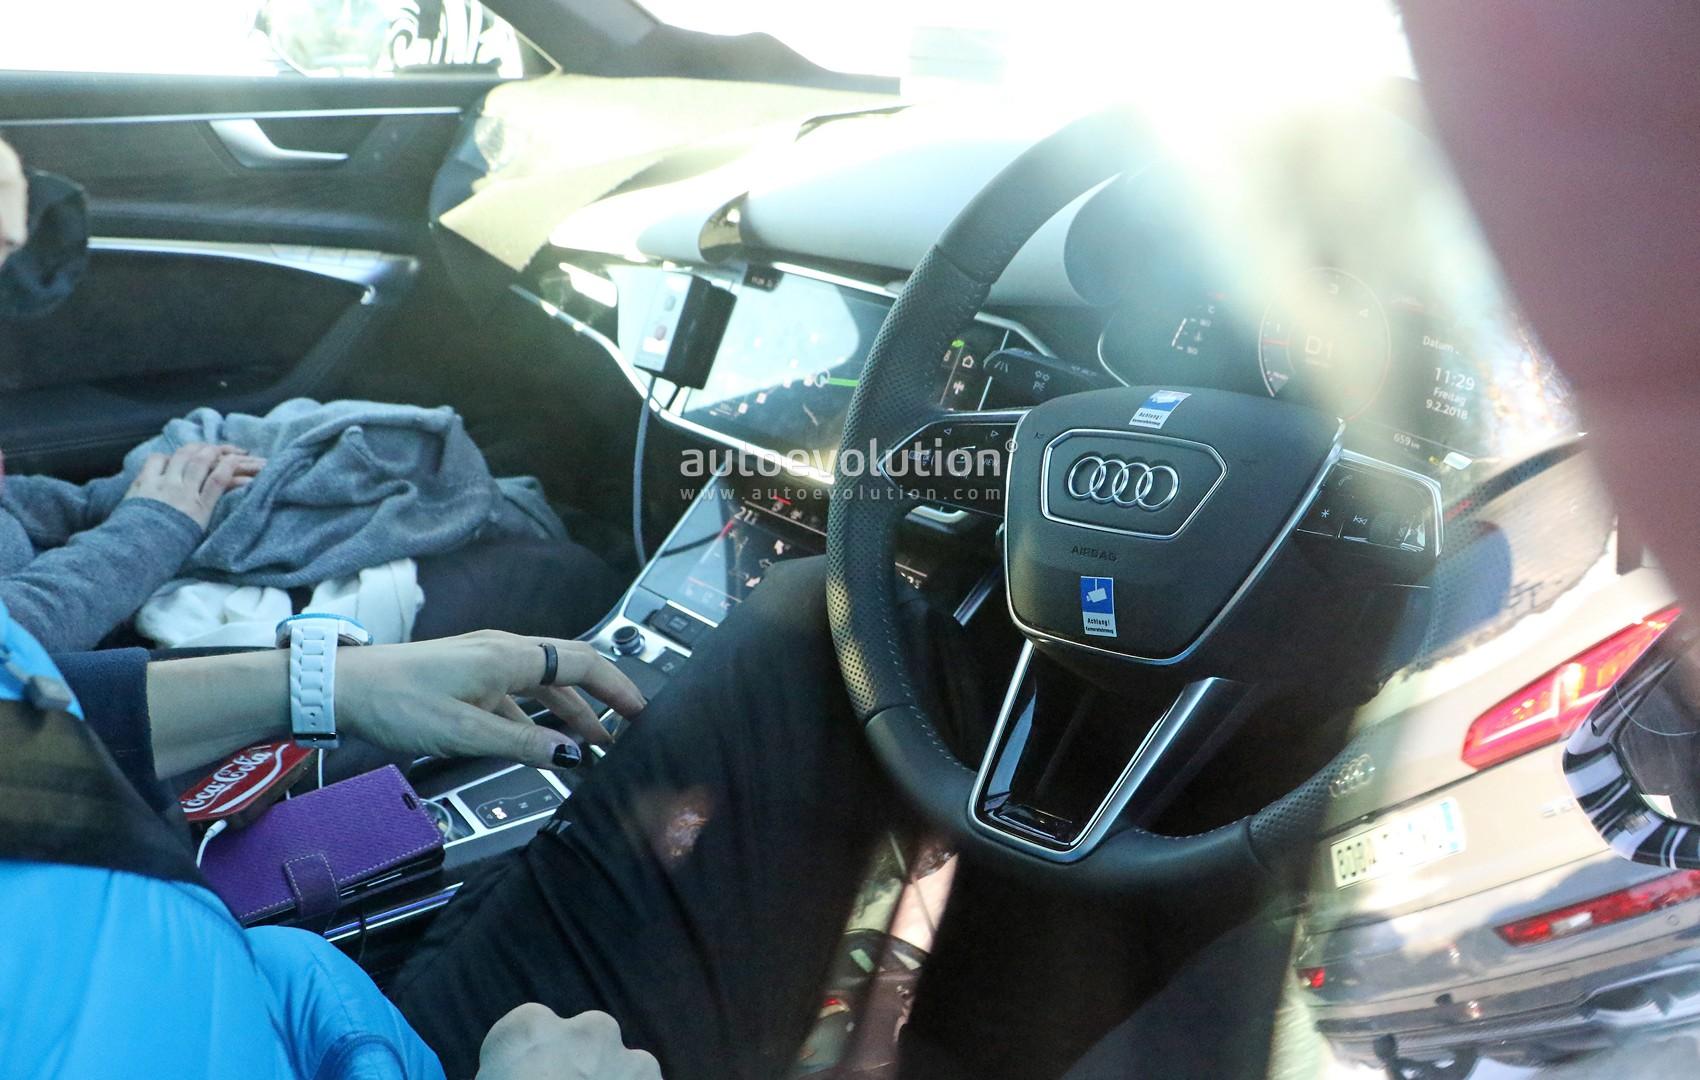 2019 Audi A6 Avant Interior Revealed It S A Screen Fiesta